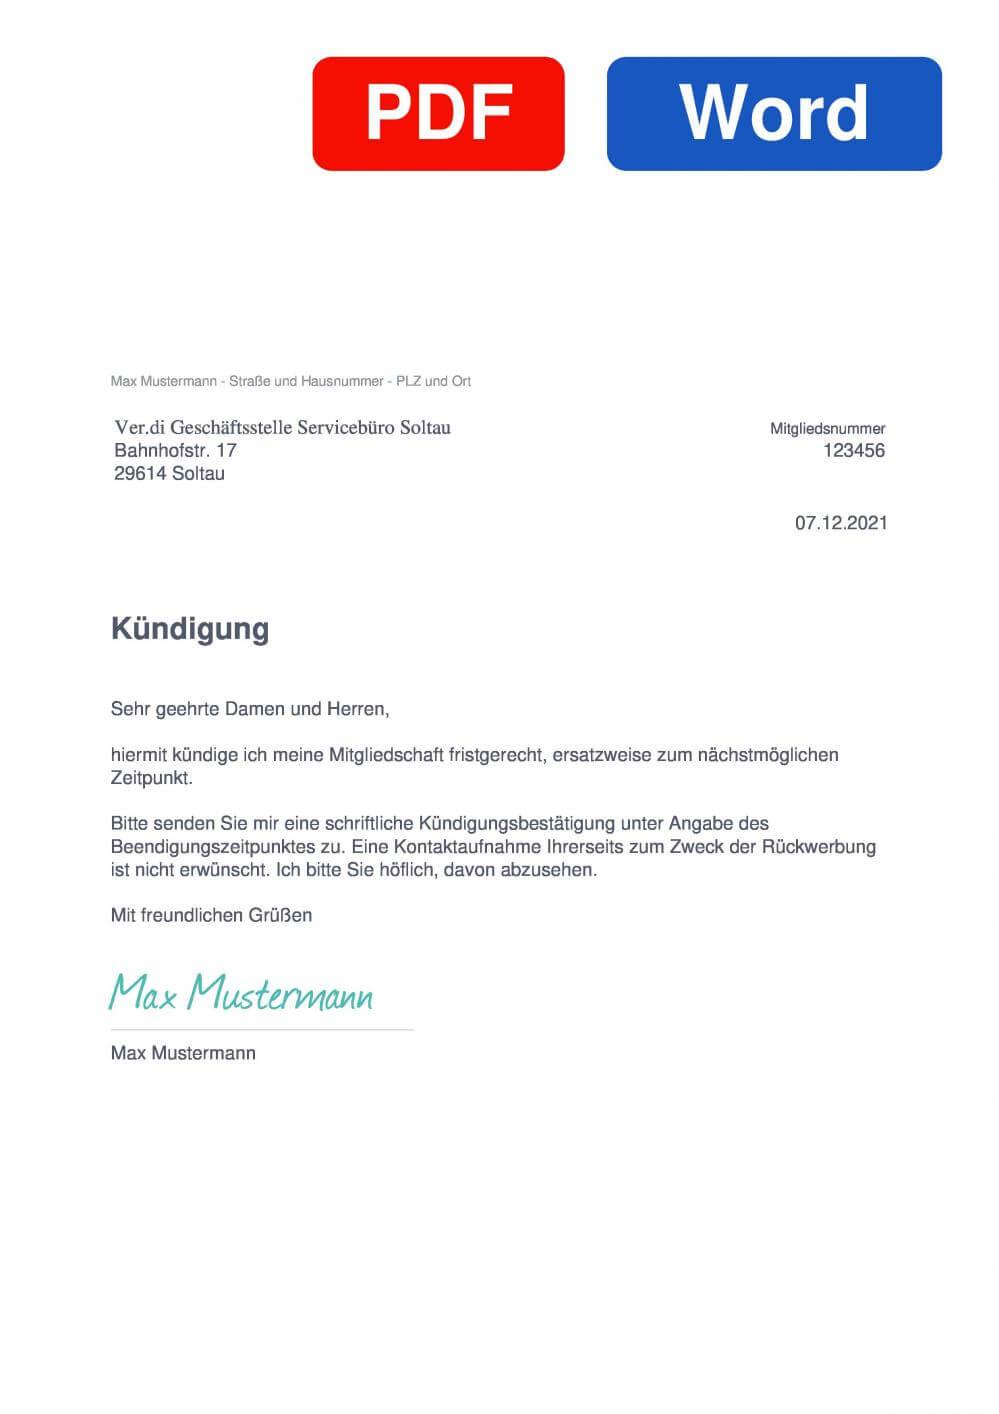 Verdi Servicebüro Soltau Muster Vorlage für Kündigungsschreiben